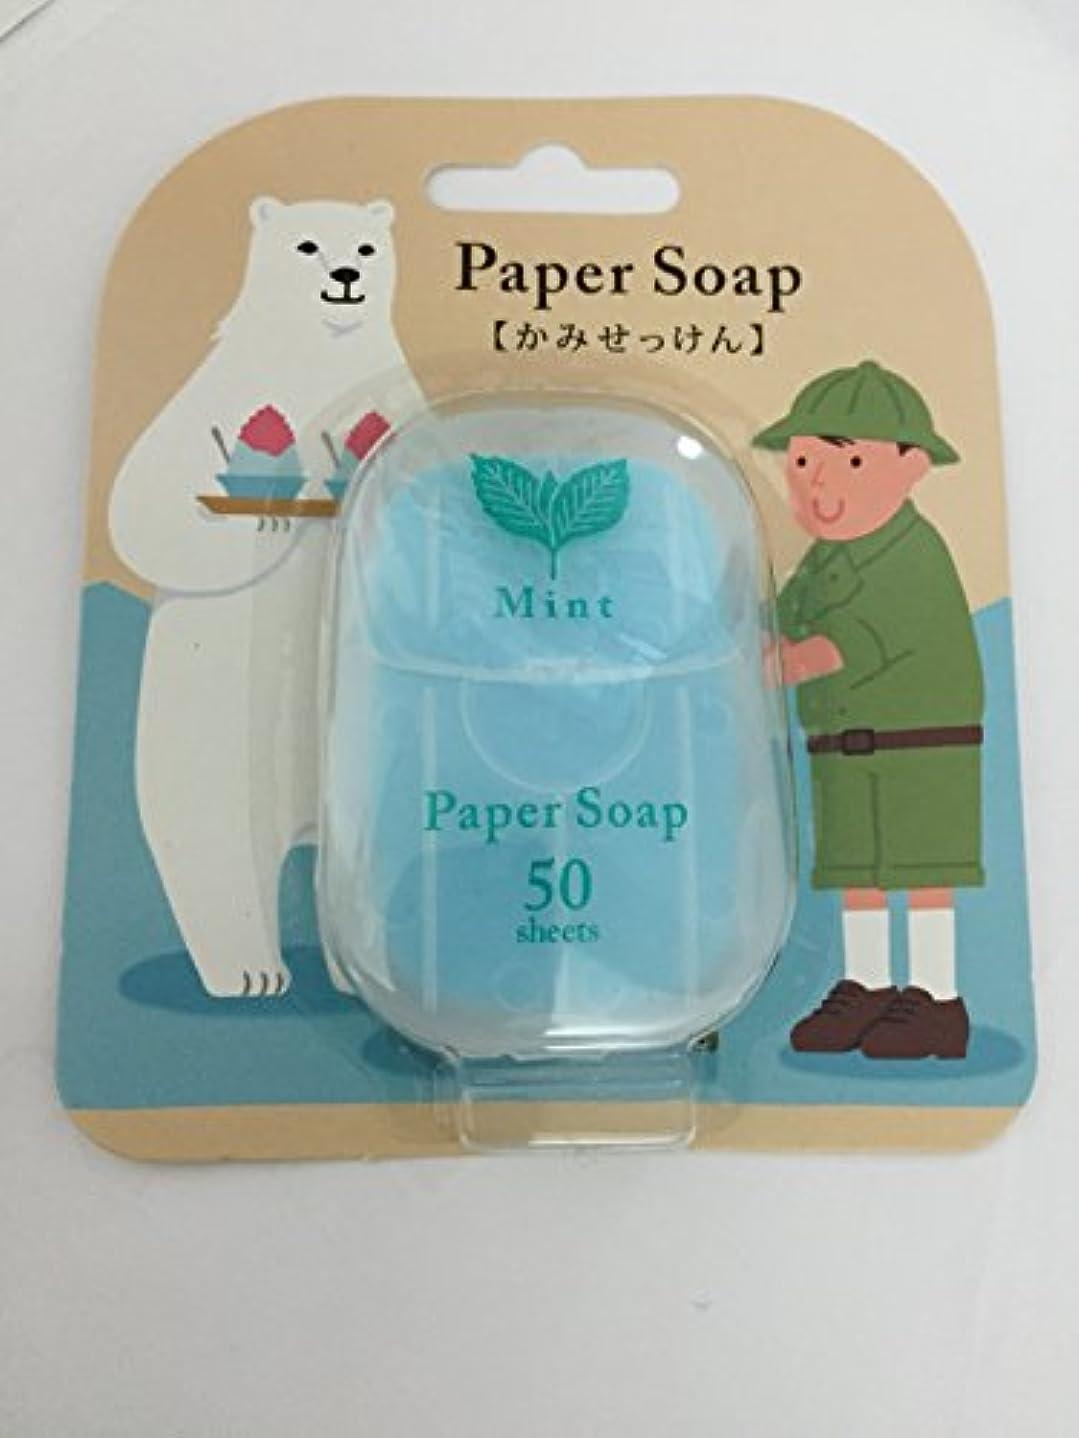 樹木人形着陸ペーパーソープ(かみせっけん) ミントの香り 新商品